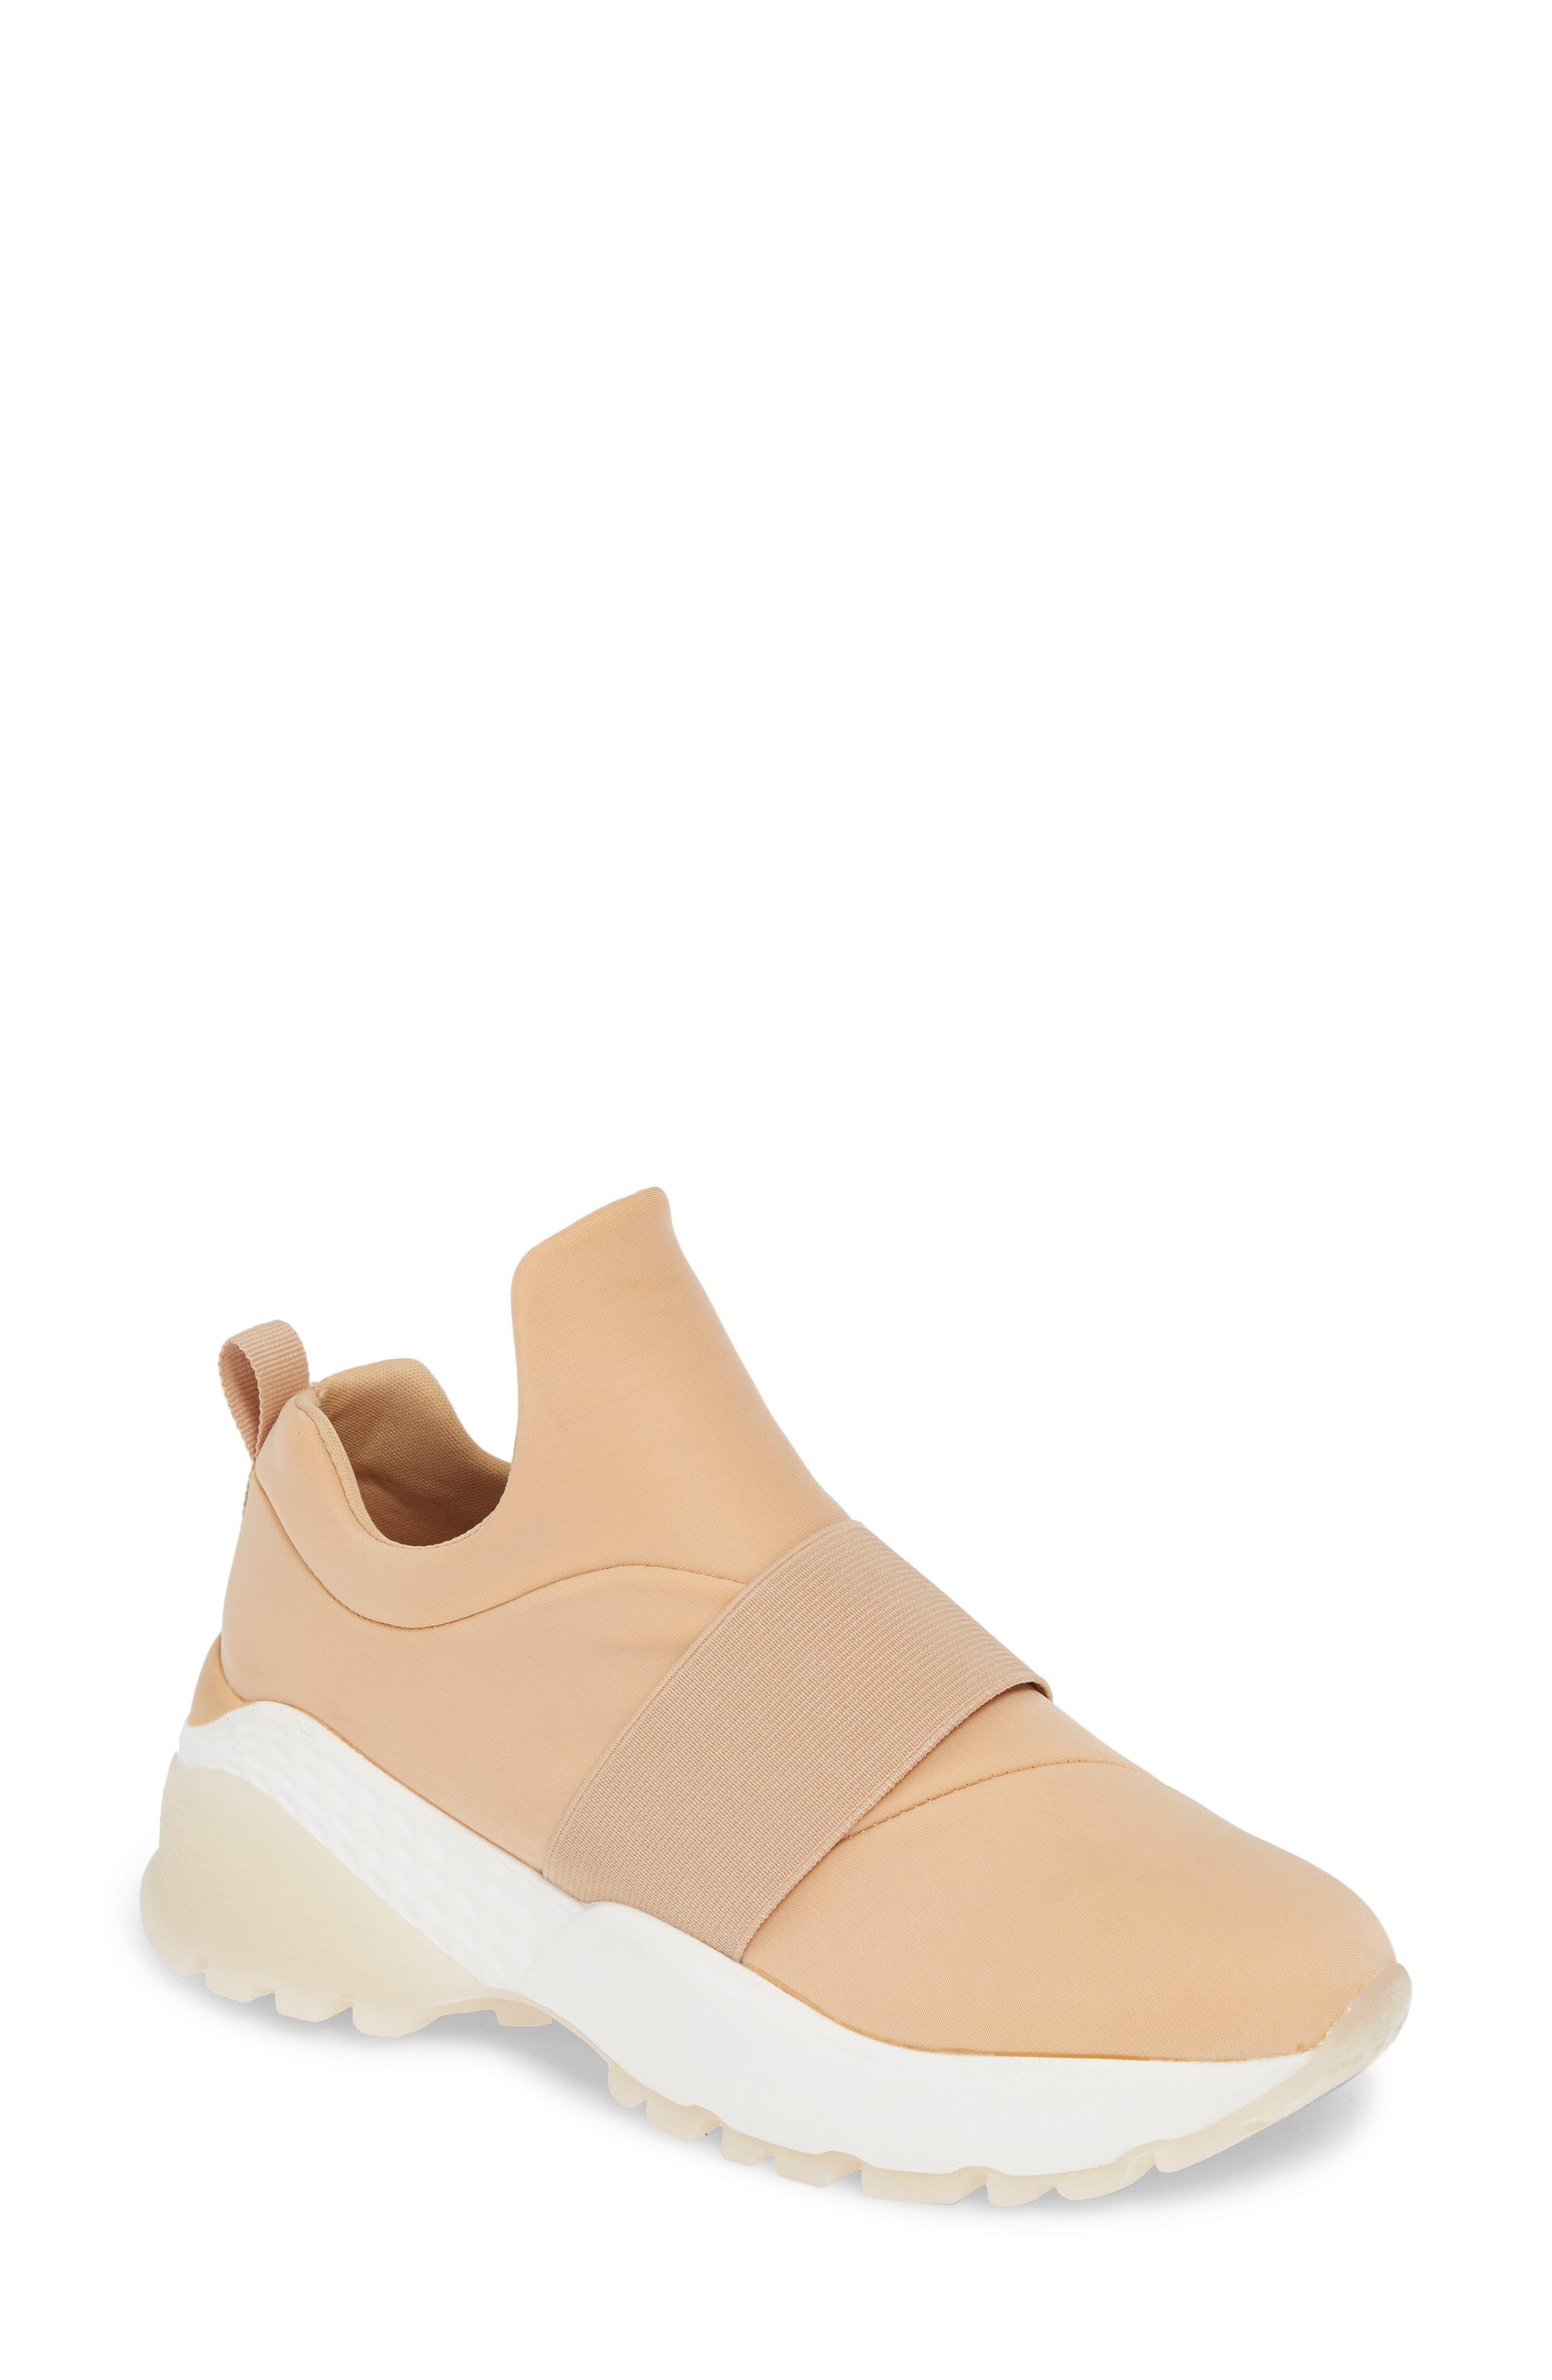 Jslides Slip-On Sneaker